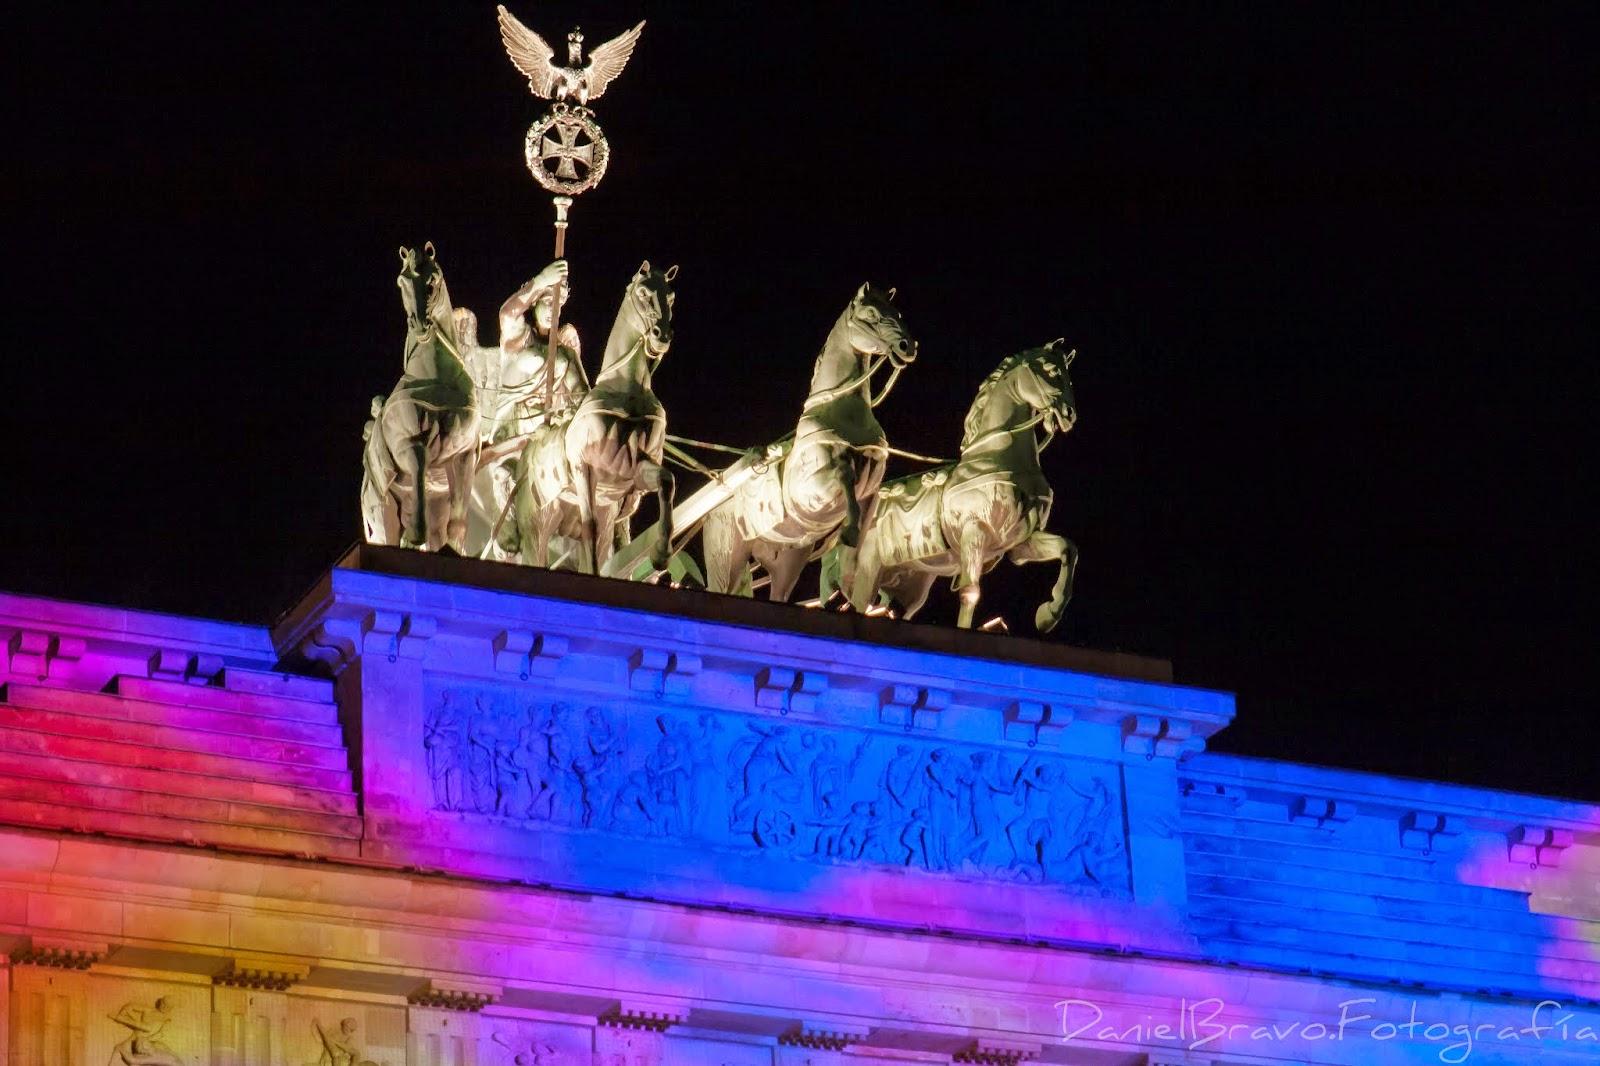 Berlín, Puerta de Branderburgo, puerta de Branderburgo, Branderburger Tor, cuadriga, Berlin